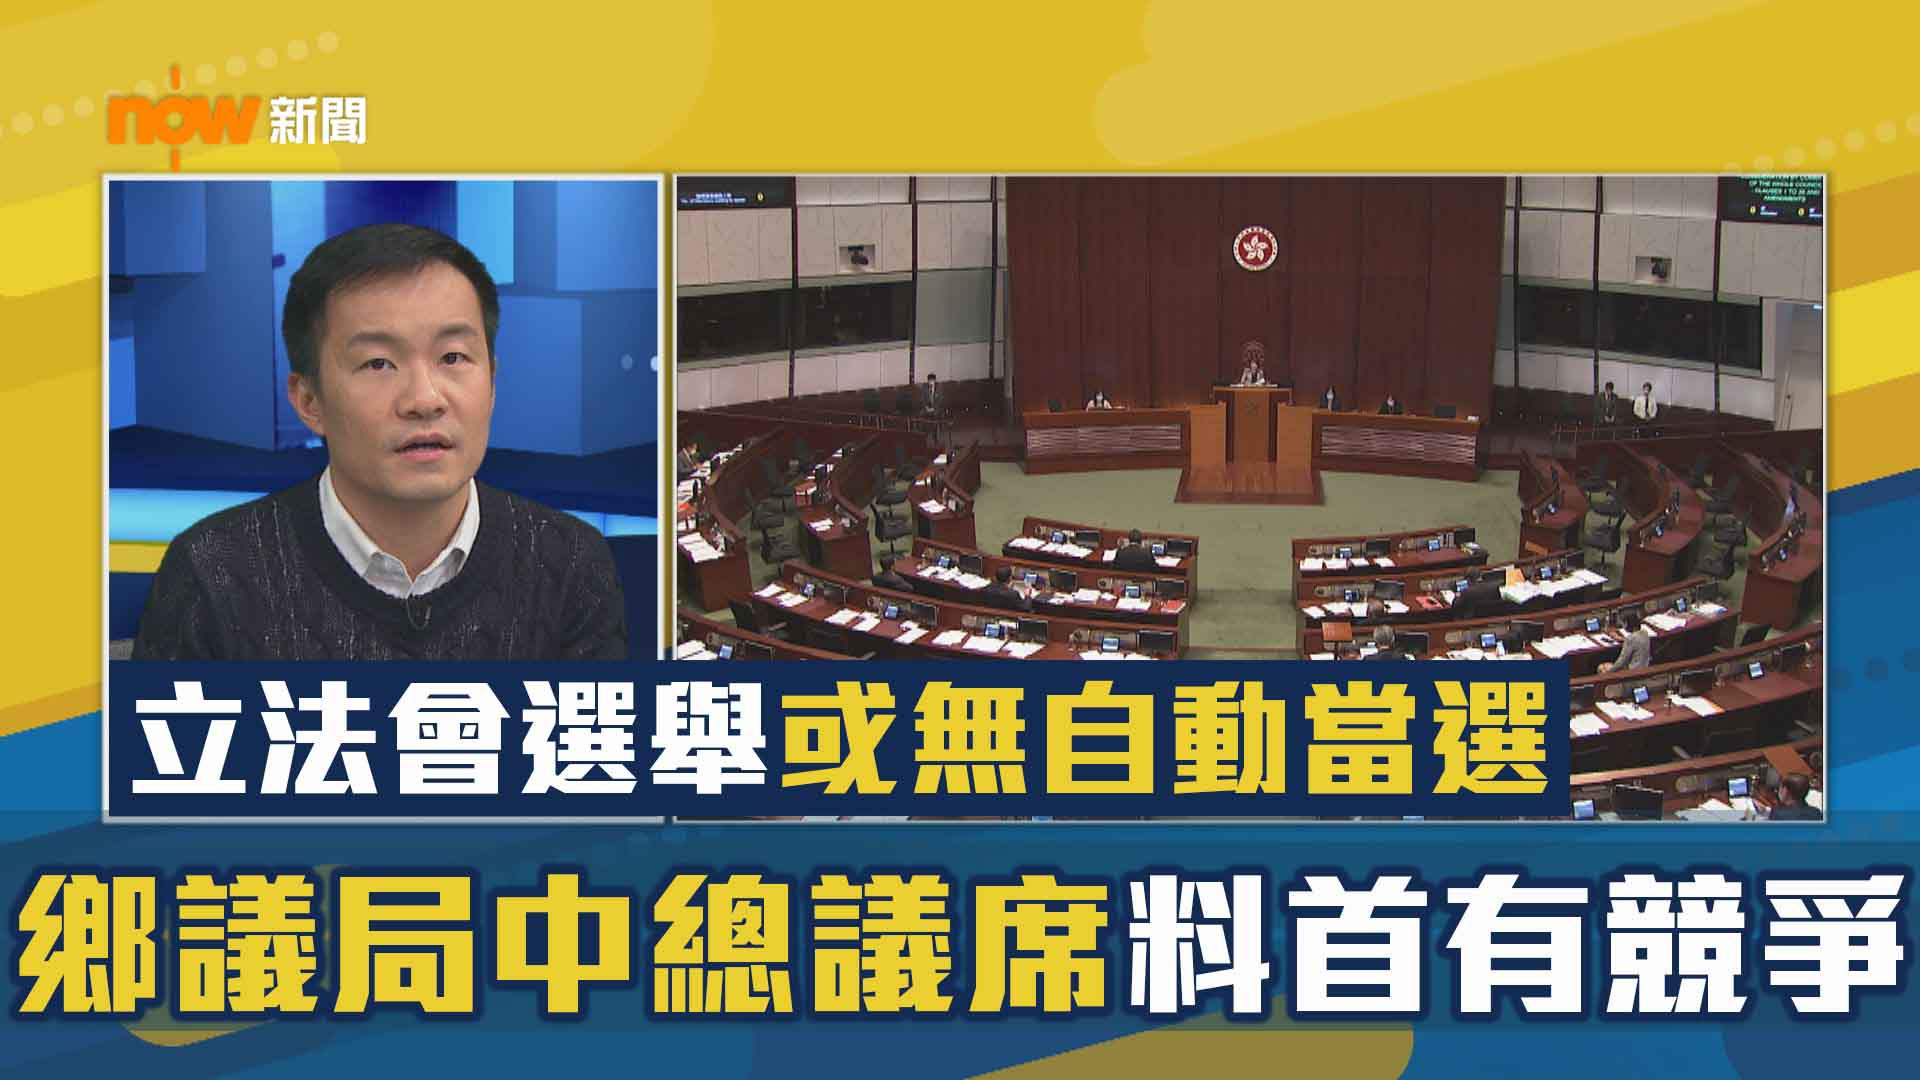 【政情】立法會選舉或無自動當選 鄉議局中總議席料首有競爭